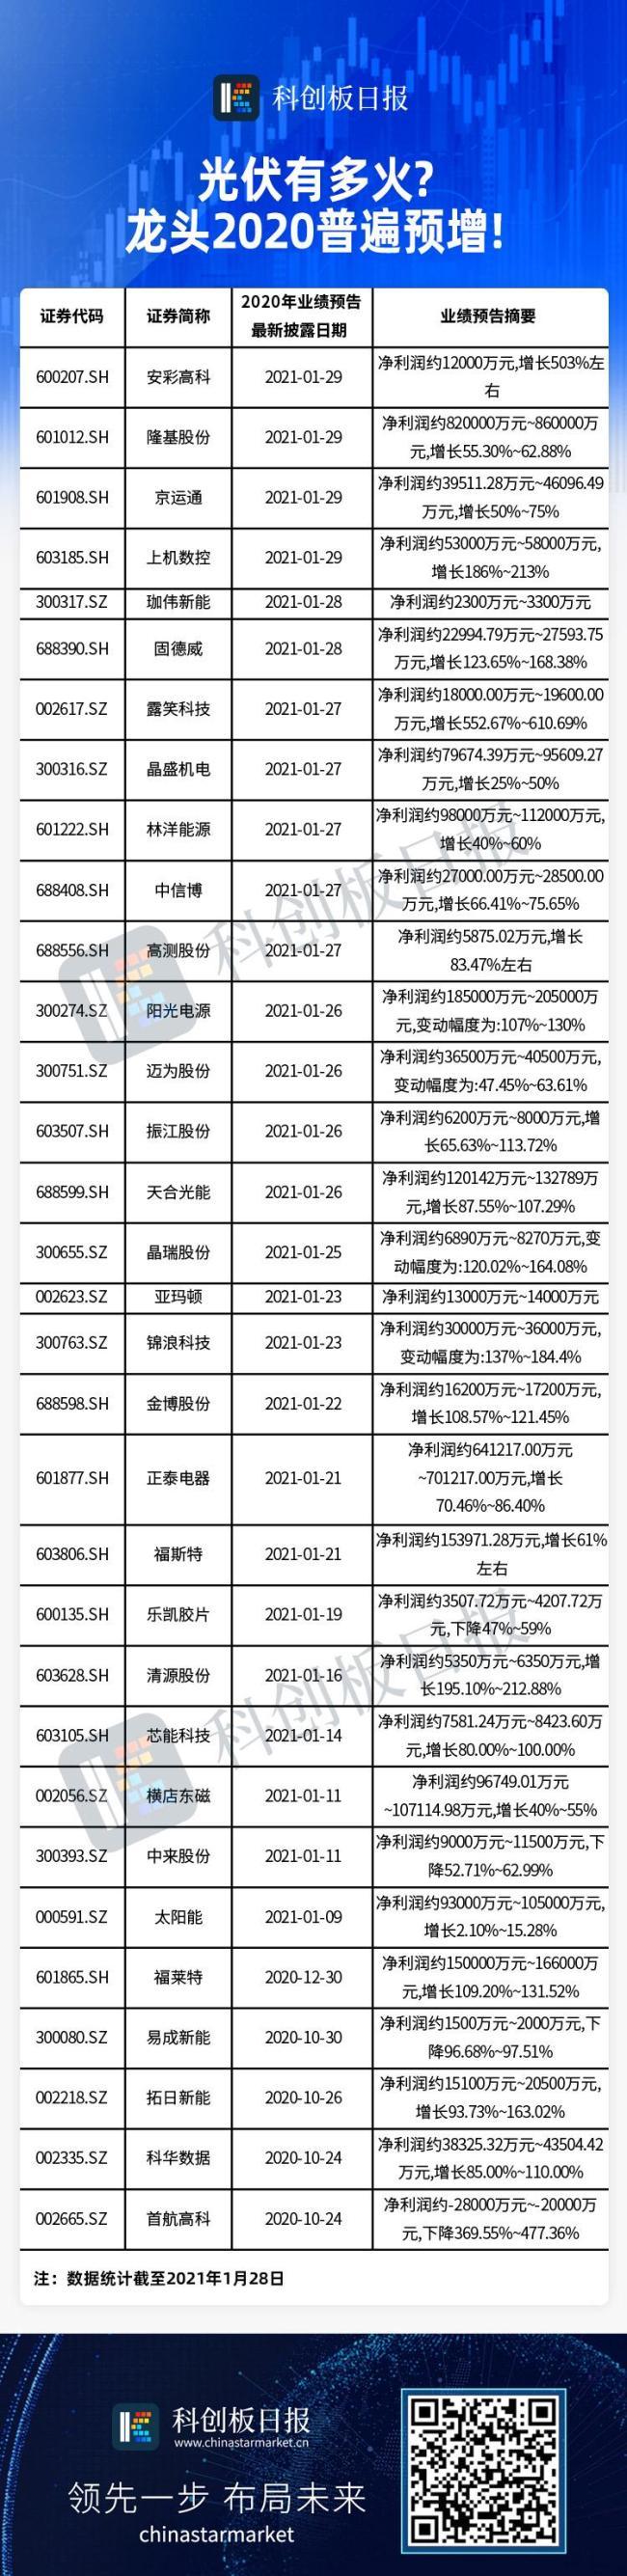 光伏产业链业绩全面爆发 多达28家上市公司预喜 2021年还有这些趋势